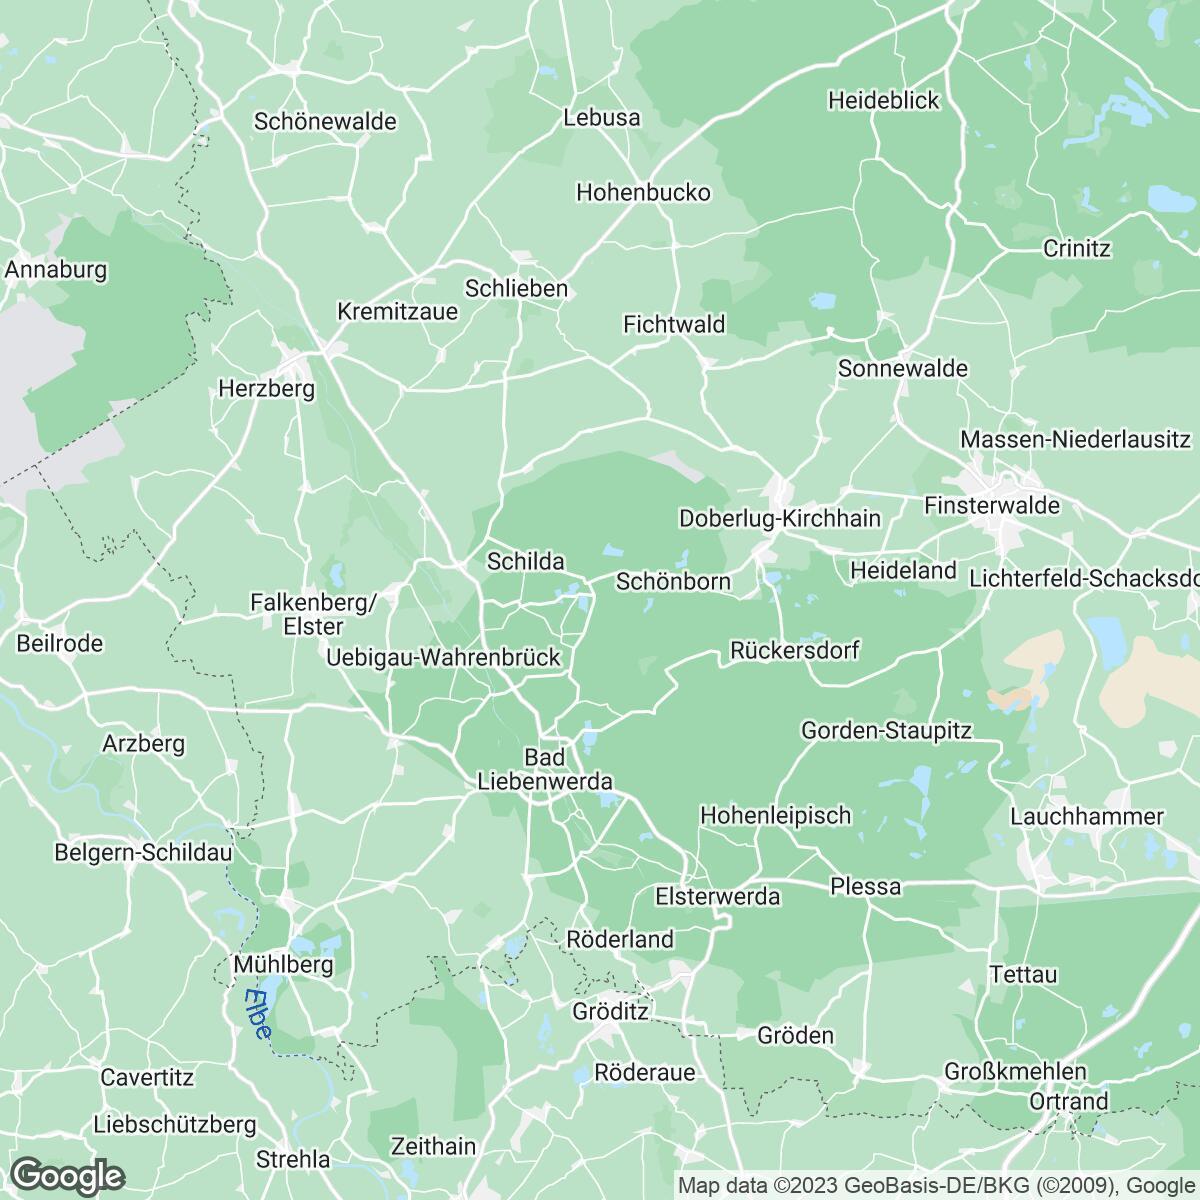 Verkaufsgebiet der Zeitungen Lausitzer Rundschau